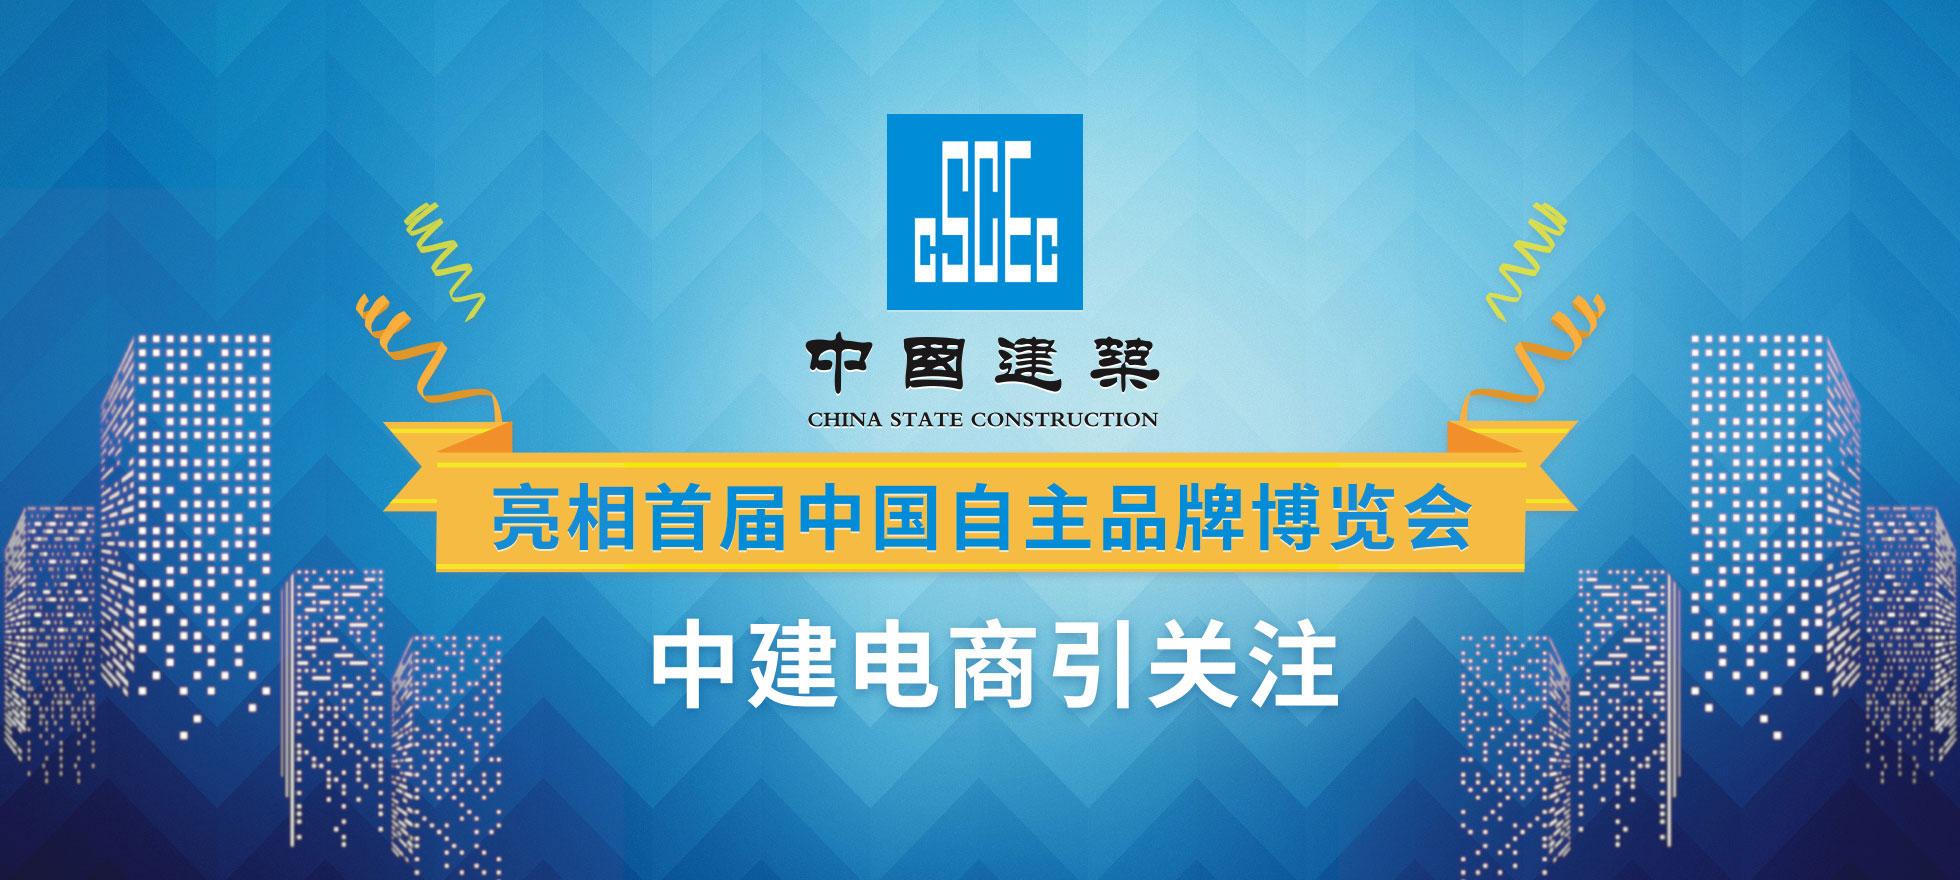 中国建筑亮相首届中国自主品牌博览会 中建电商引关注